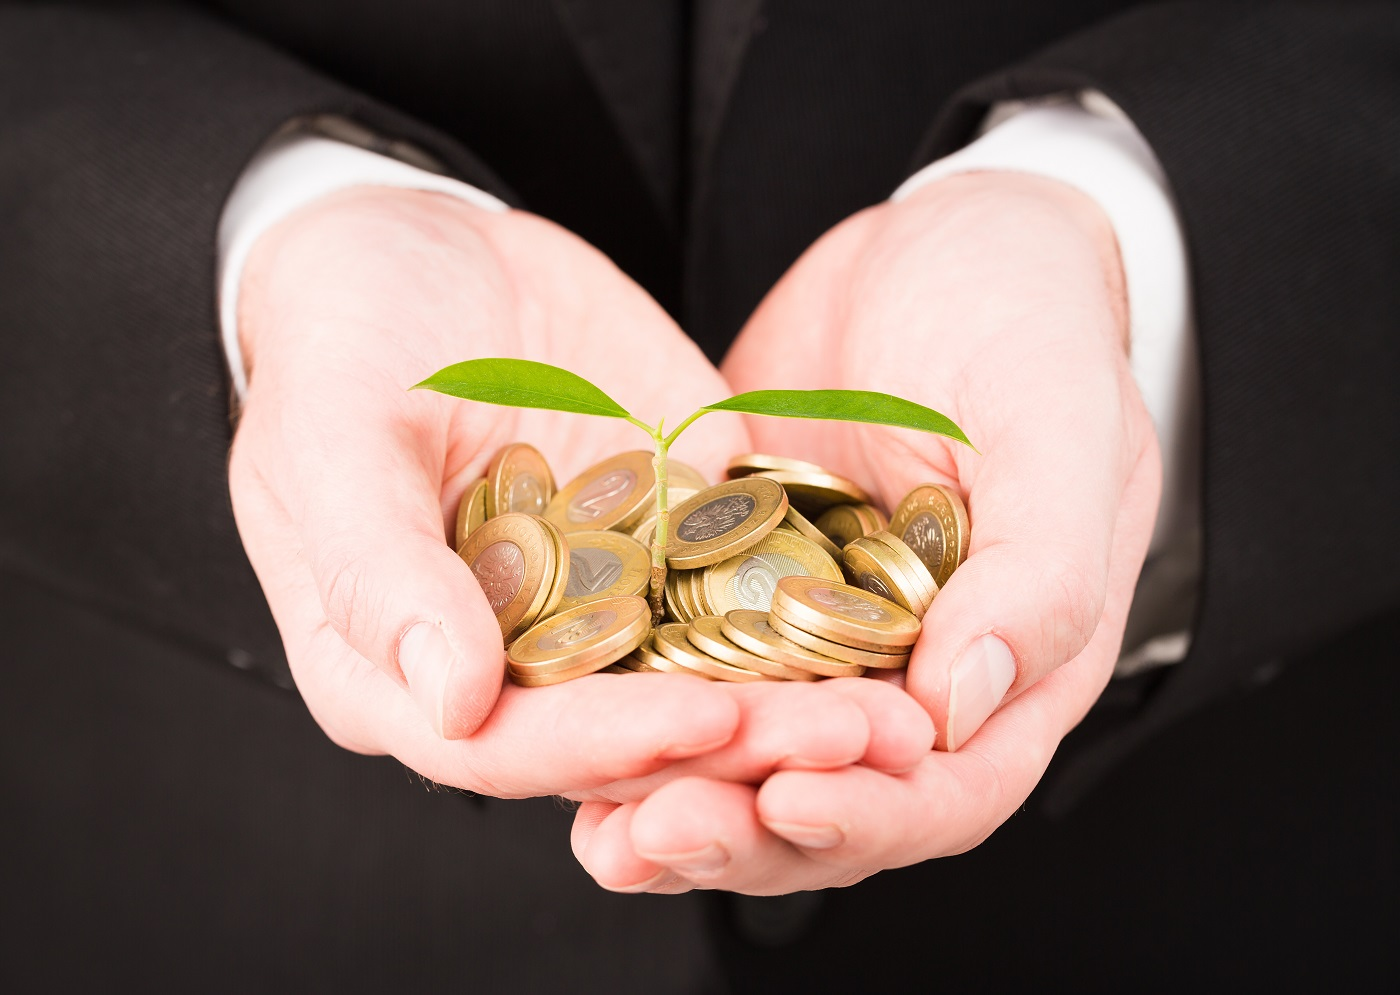 capital-casas de cambio-criptomonedas-recaudación